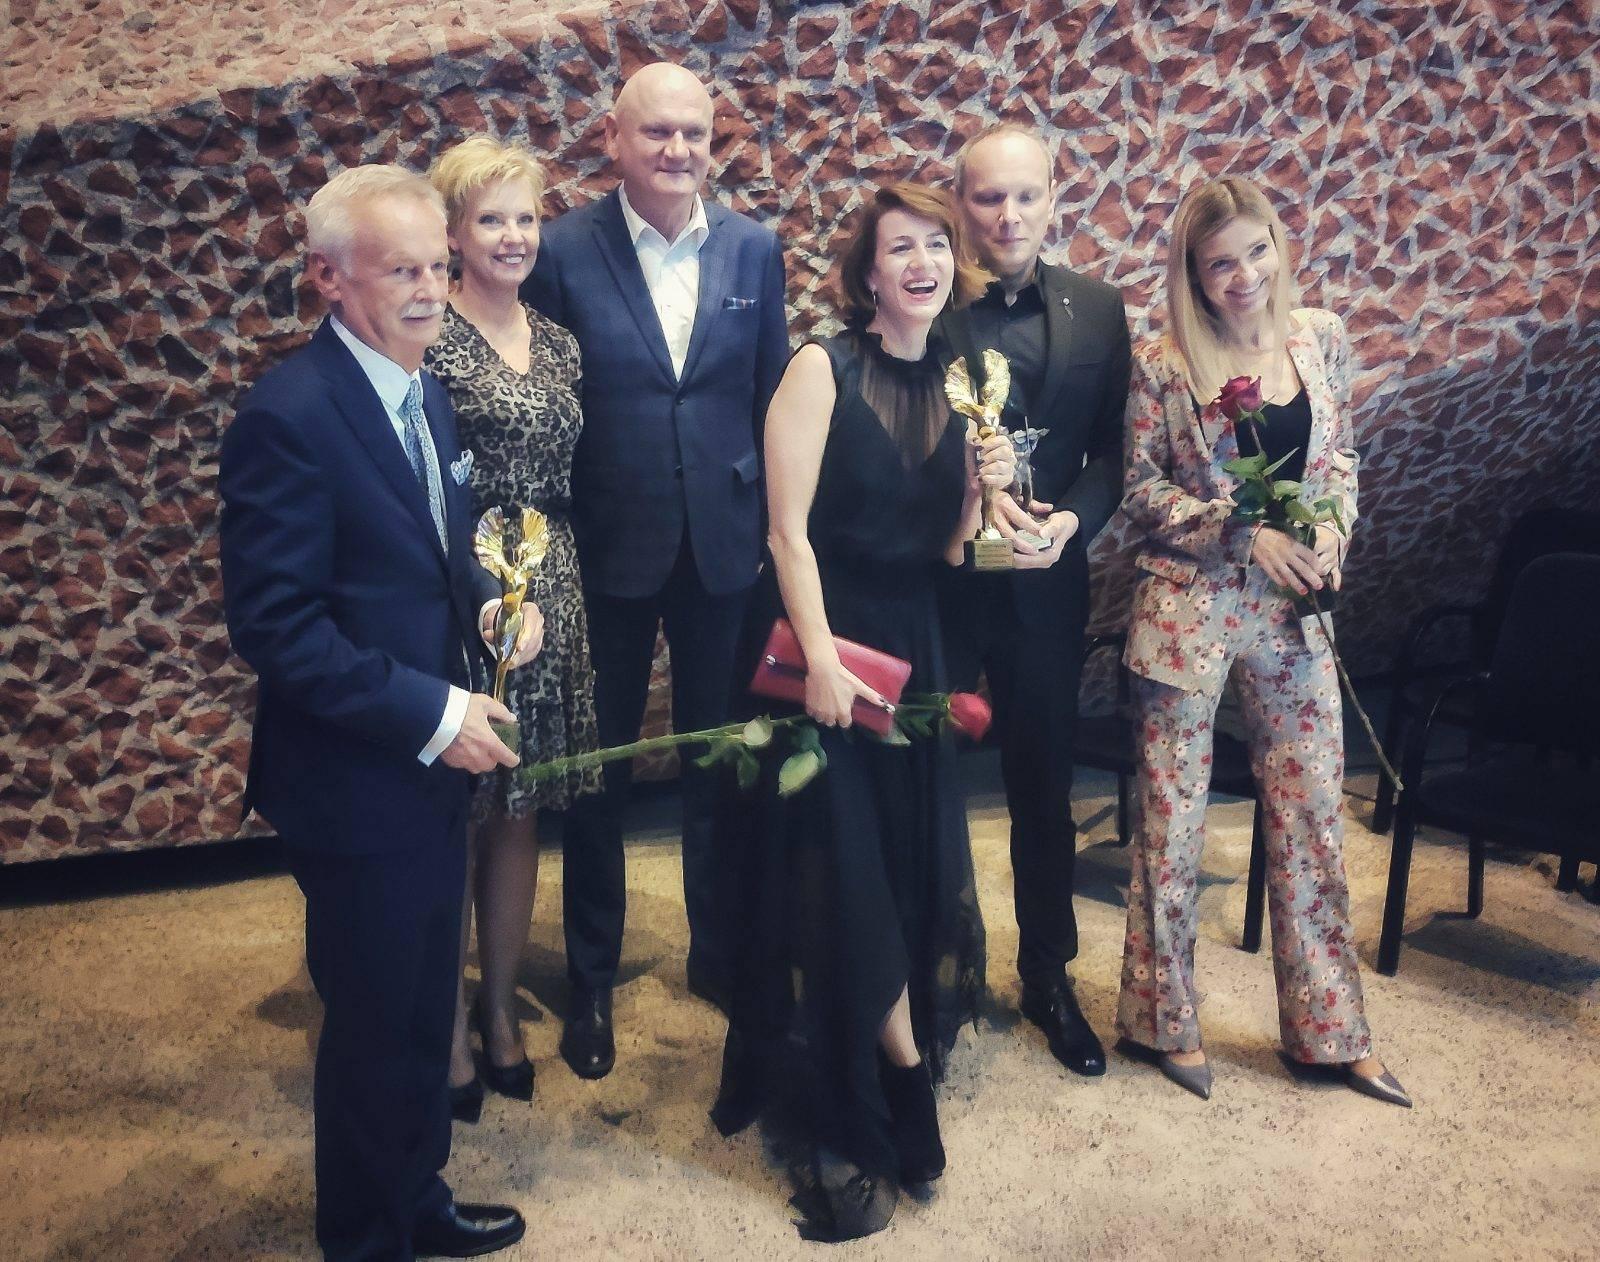 Maja Ostaszewska, Joanna Koroniewska-Dowbor, Jarosław Józefowicz, Michał Zaleski